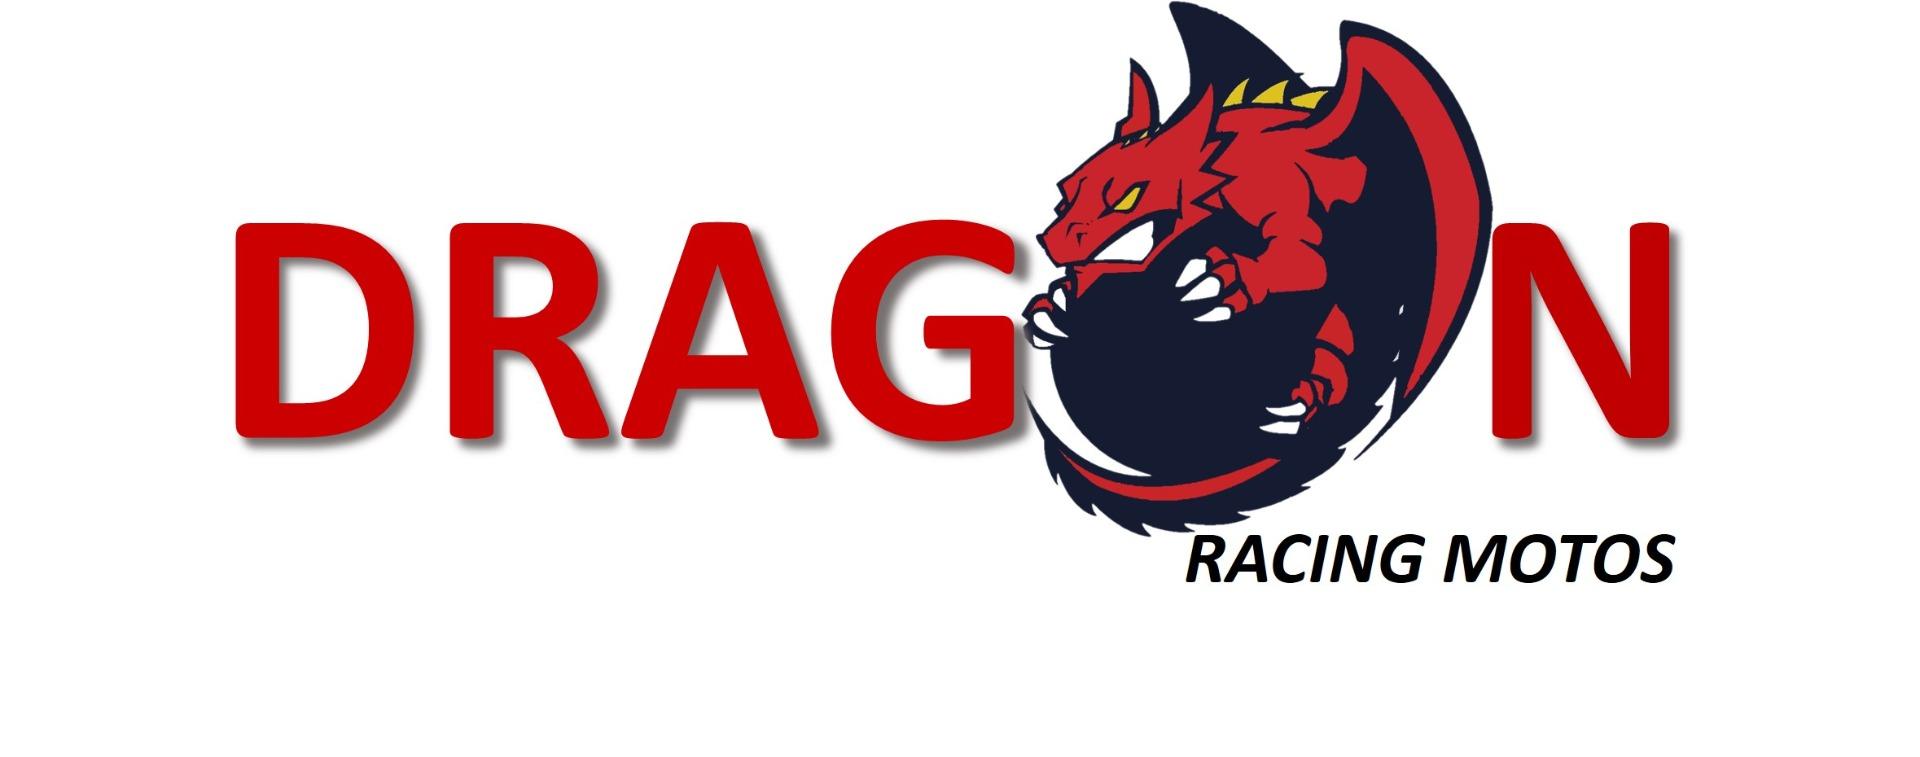 DRAGON RACING MOTOS